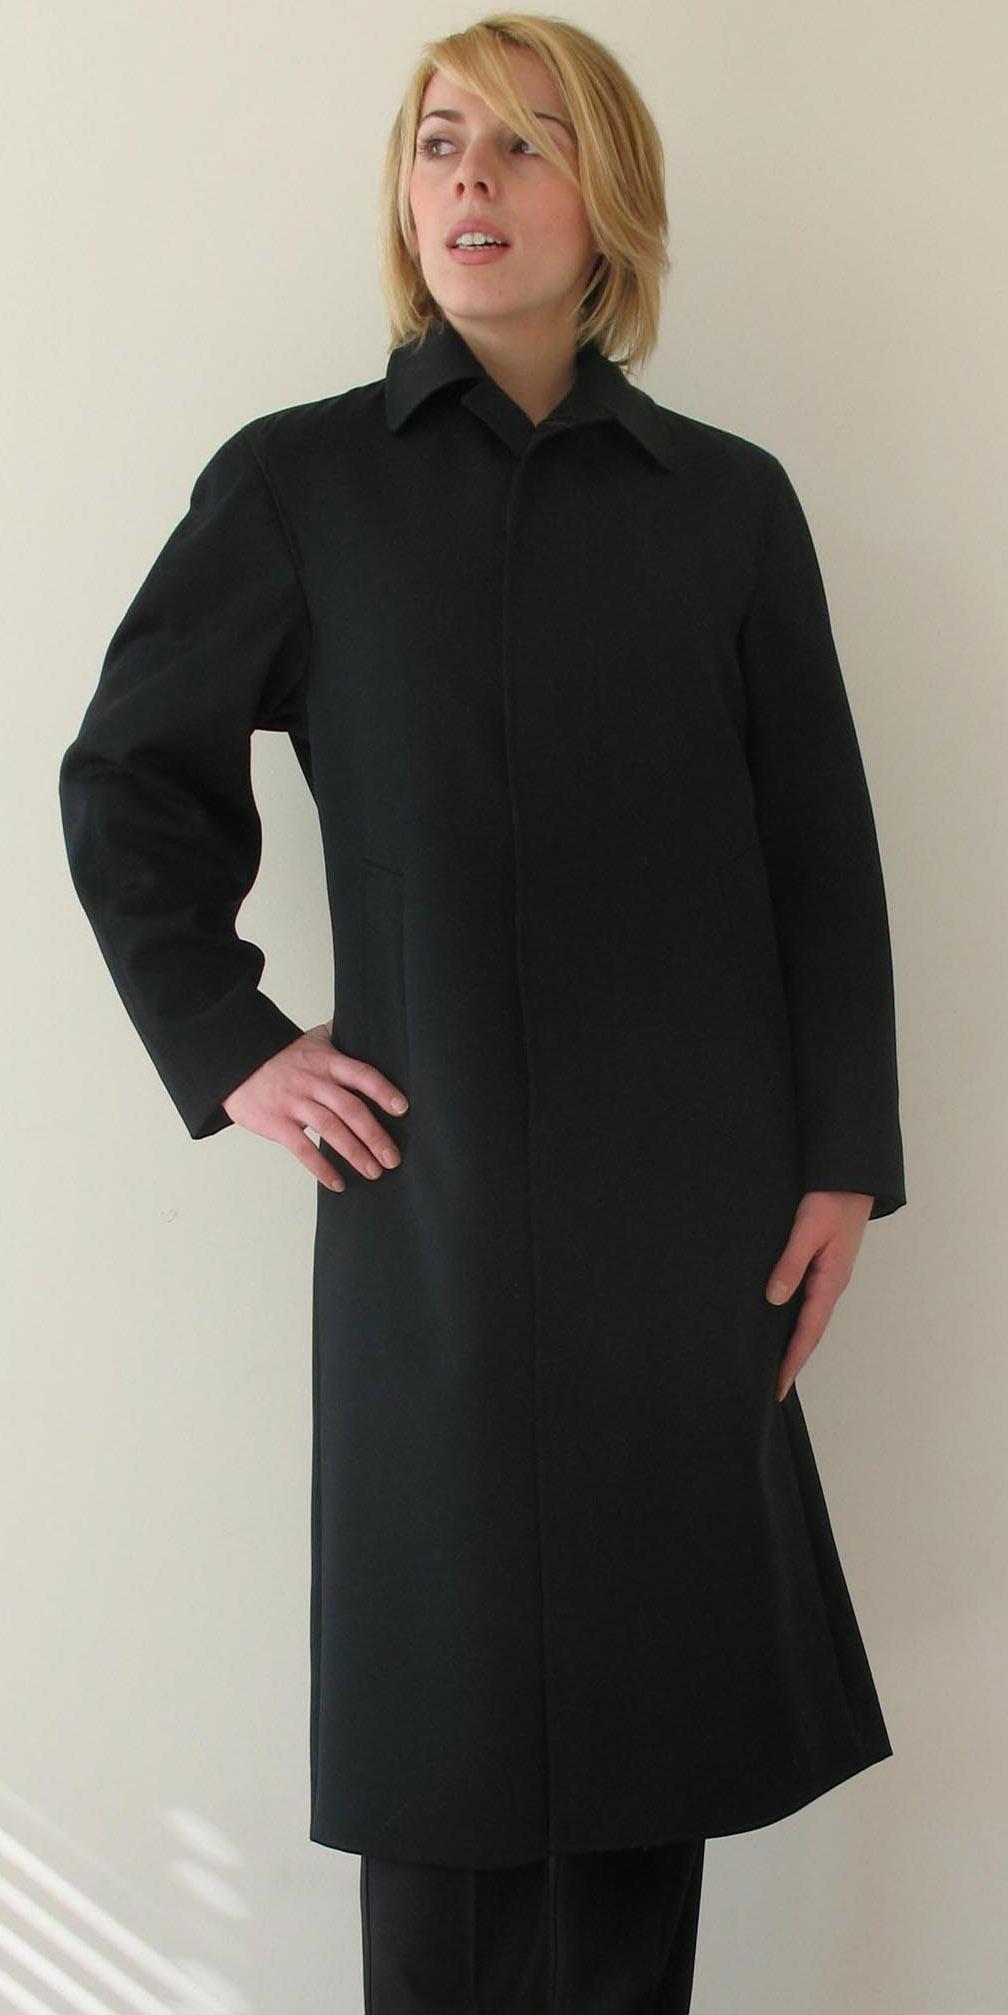 Diesse Uniforms